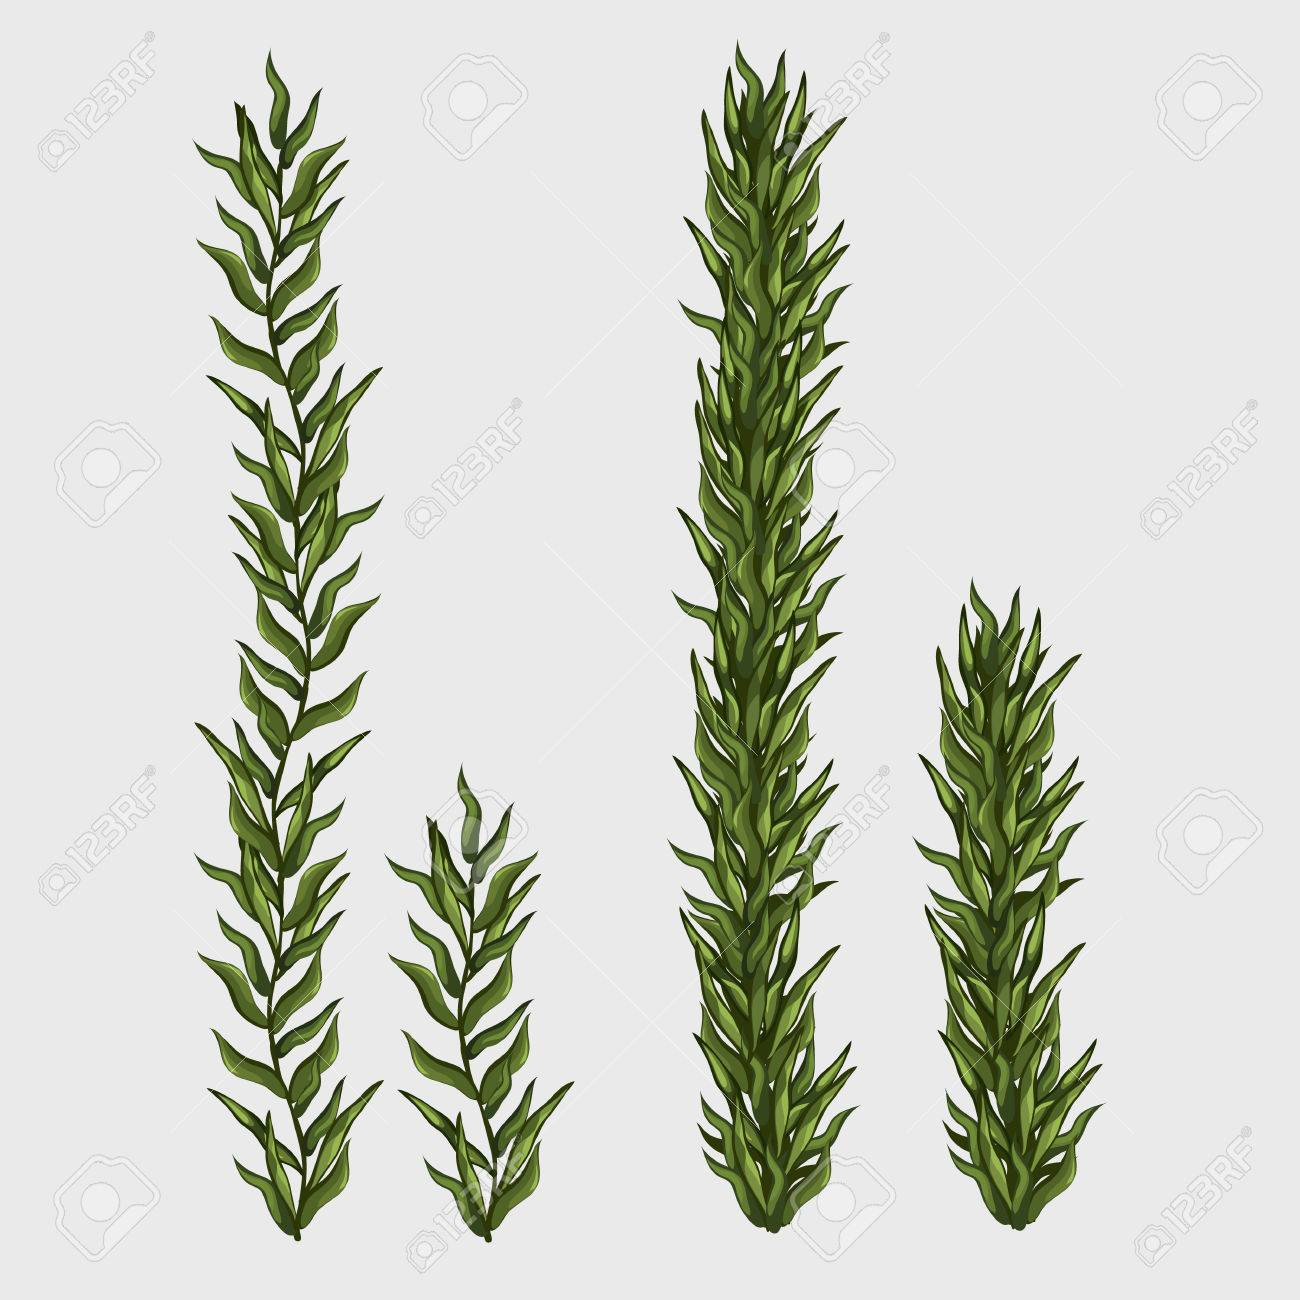 2 つの海藻を古典的な水中草イラストのイラスト素材ベクタ Image